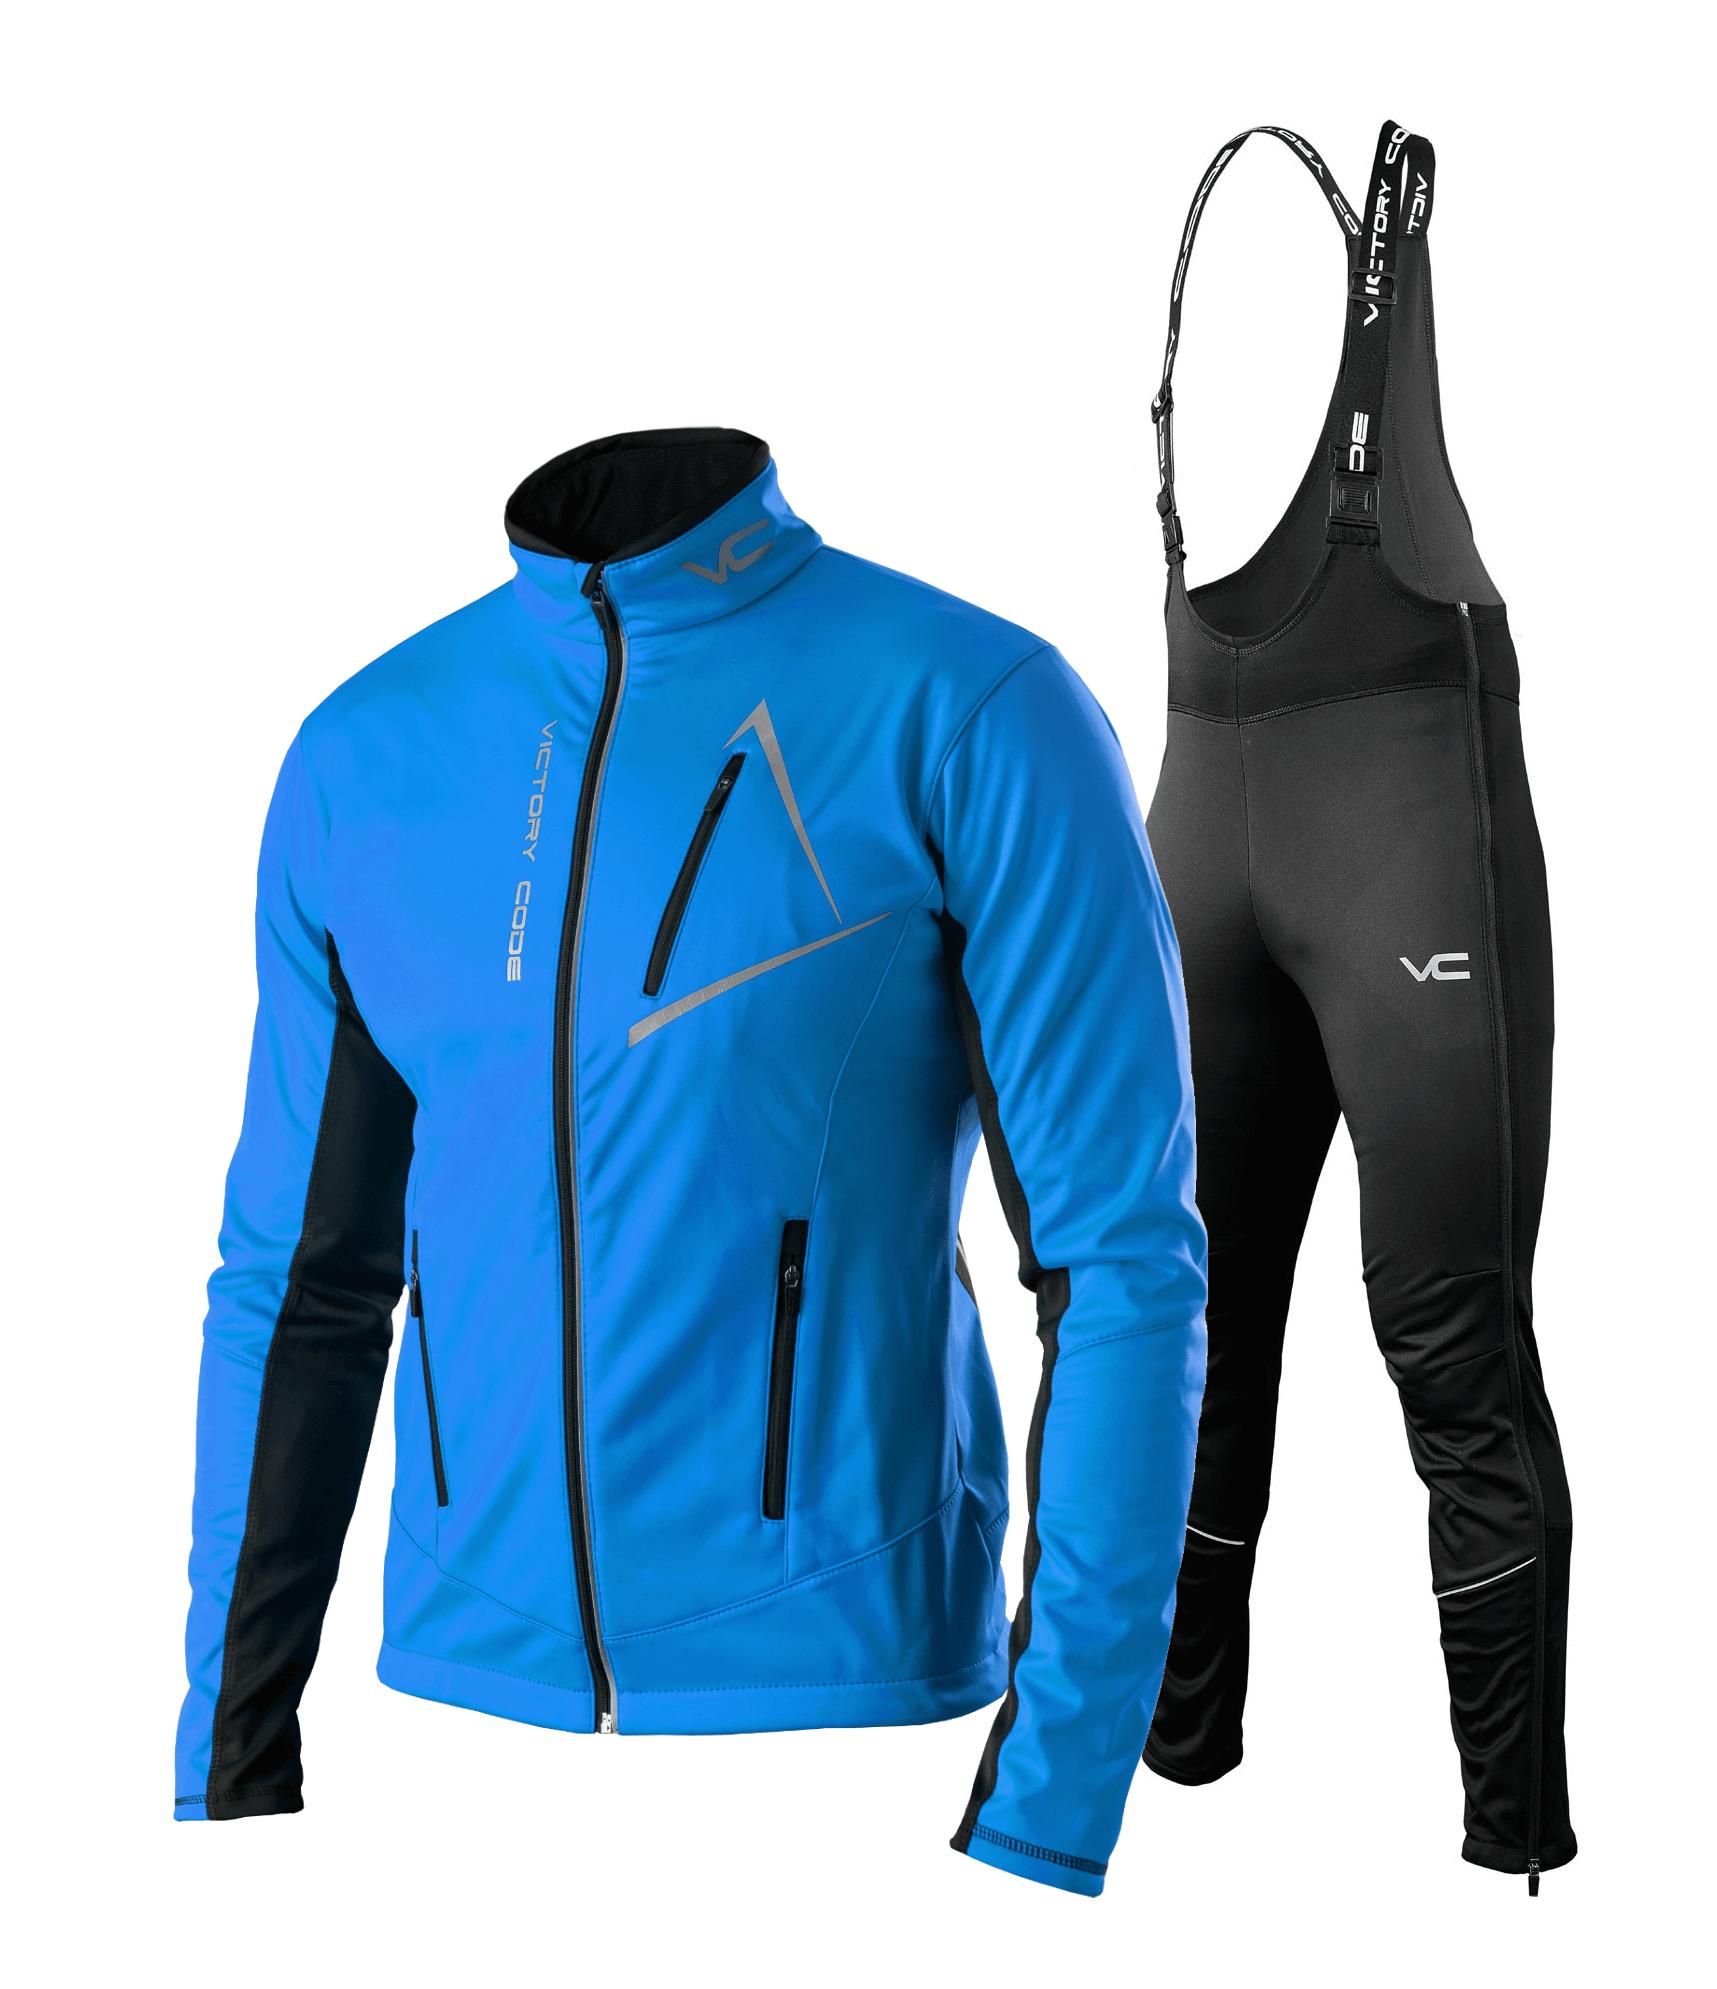 Victory Code Dynamic Warm разминочный лыжный костюм со спинкой blue - 1